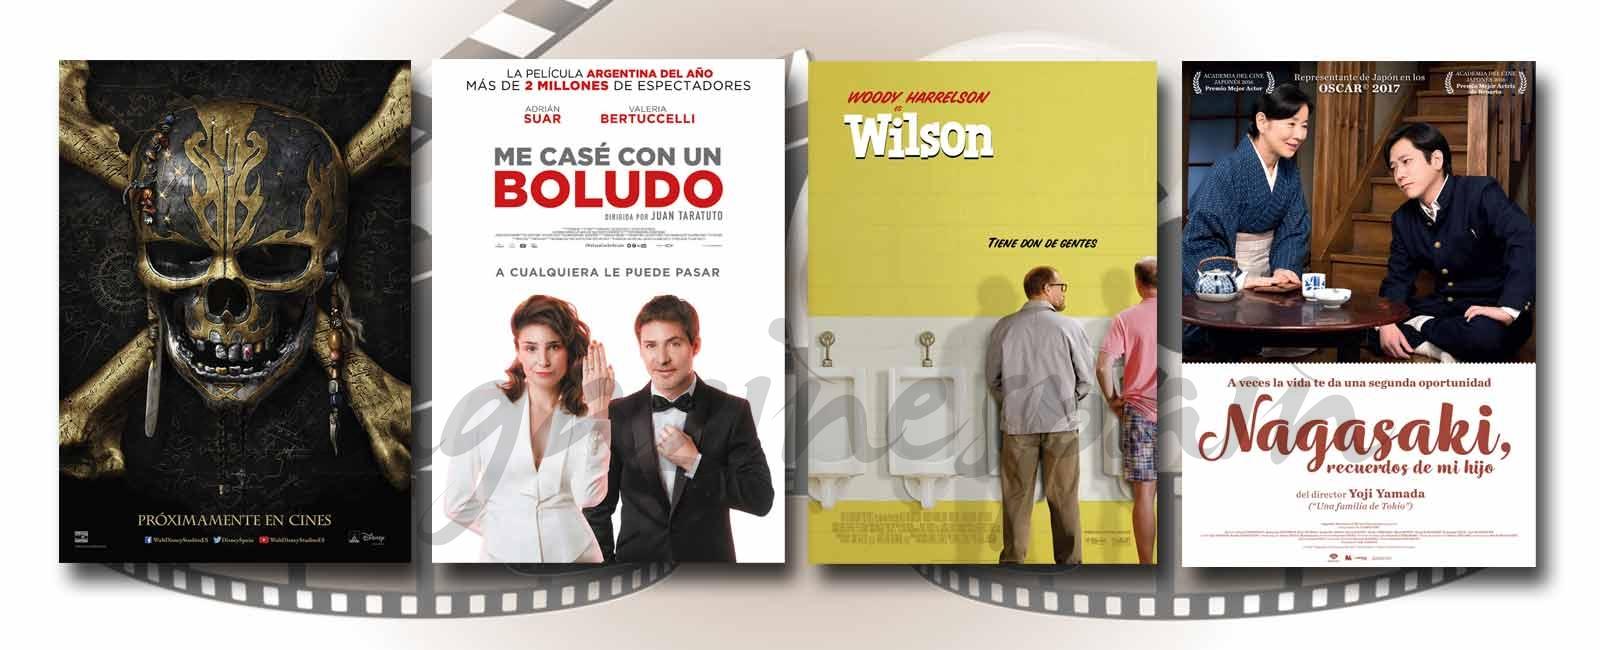 Estrenos de Cine de la Semana… 26 de Mayo 2017